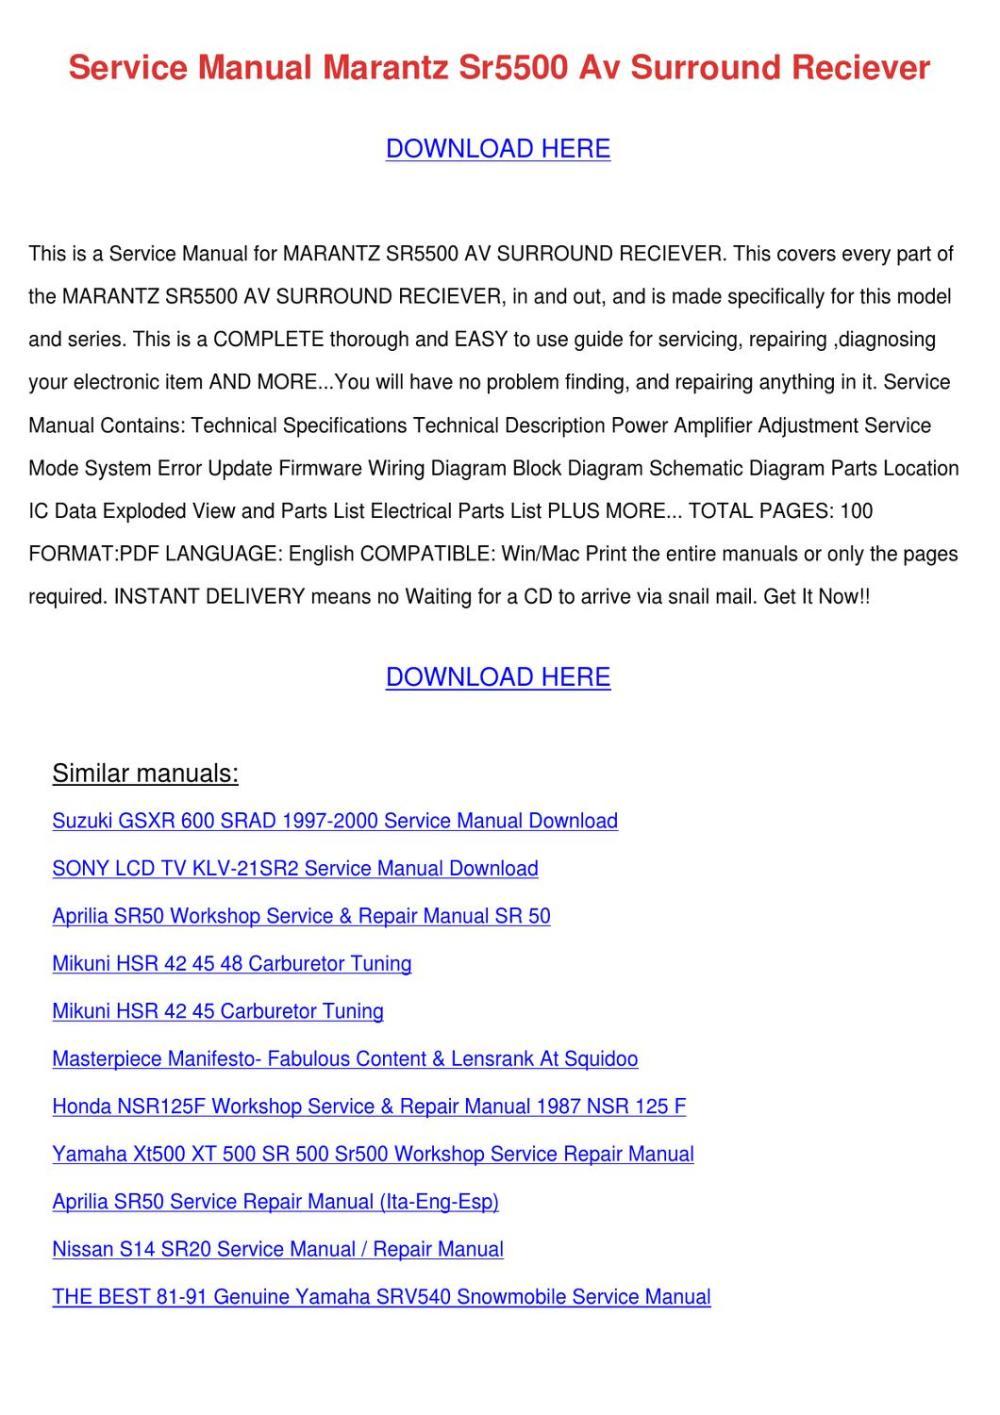 medium resolution of service manual marantz sr5500 av surround rec by alberthatuttle issuu